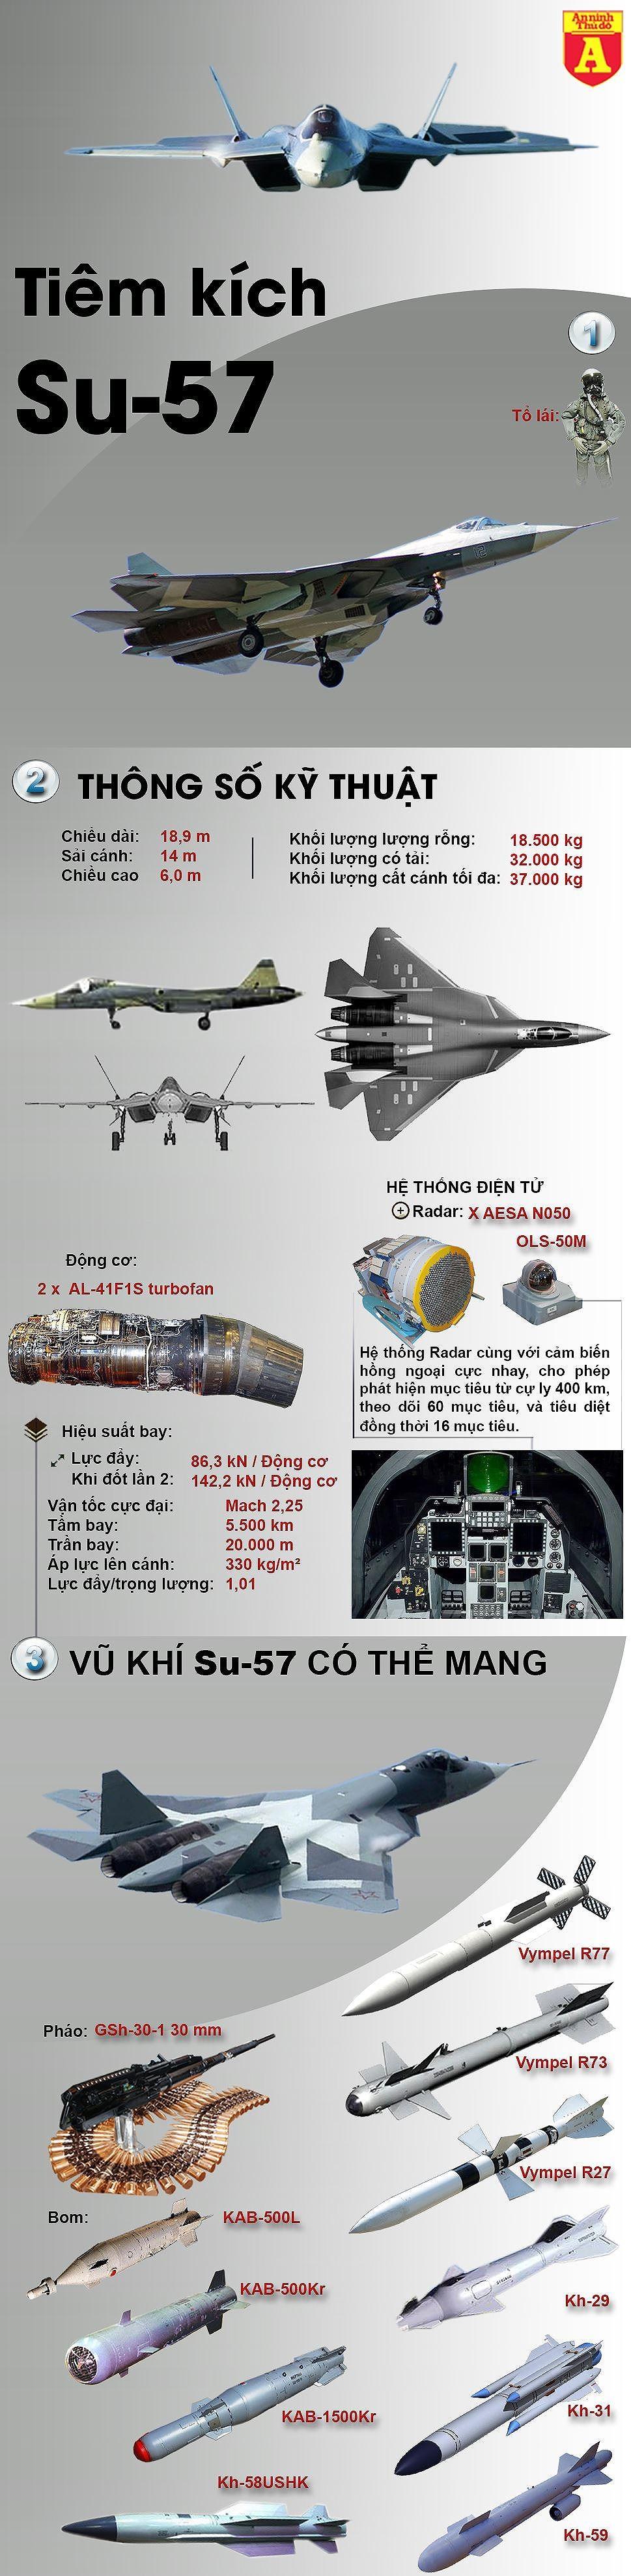 [ĐỒ HỌA] Nga bất ngờ điều gấp đôi tiêm kích Su-57 mà phương Tây dự đoán tới Syria ảnh 2